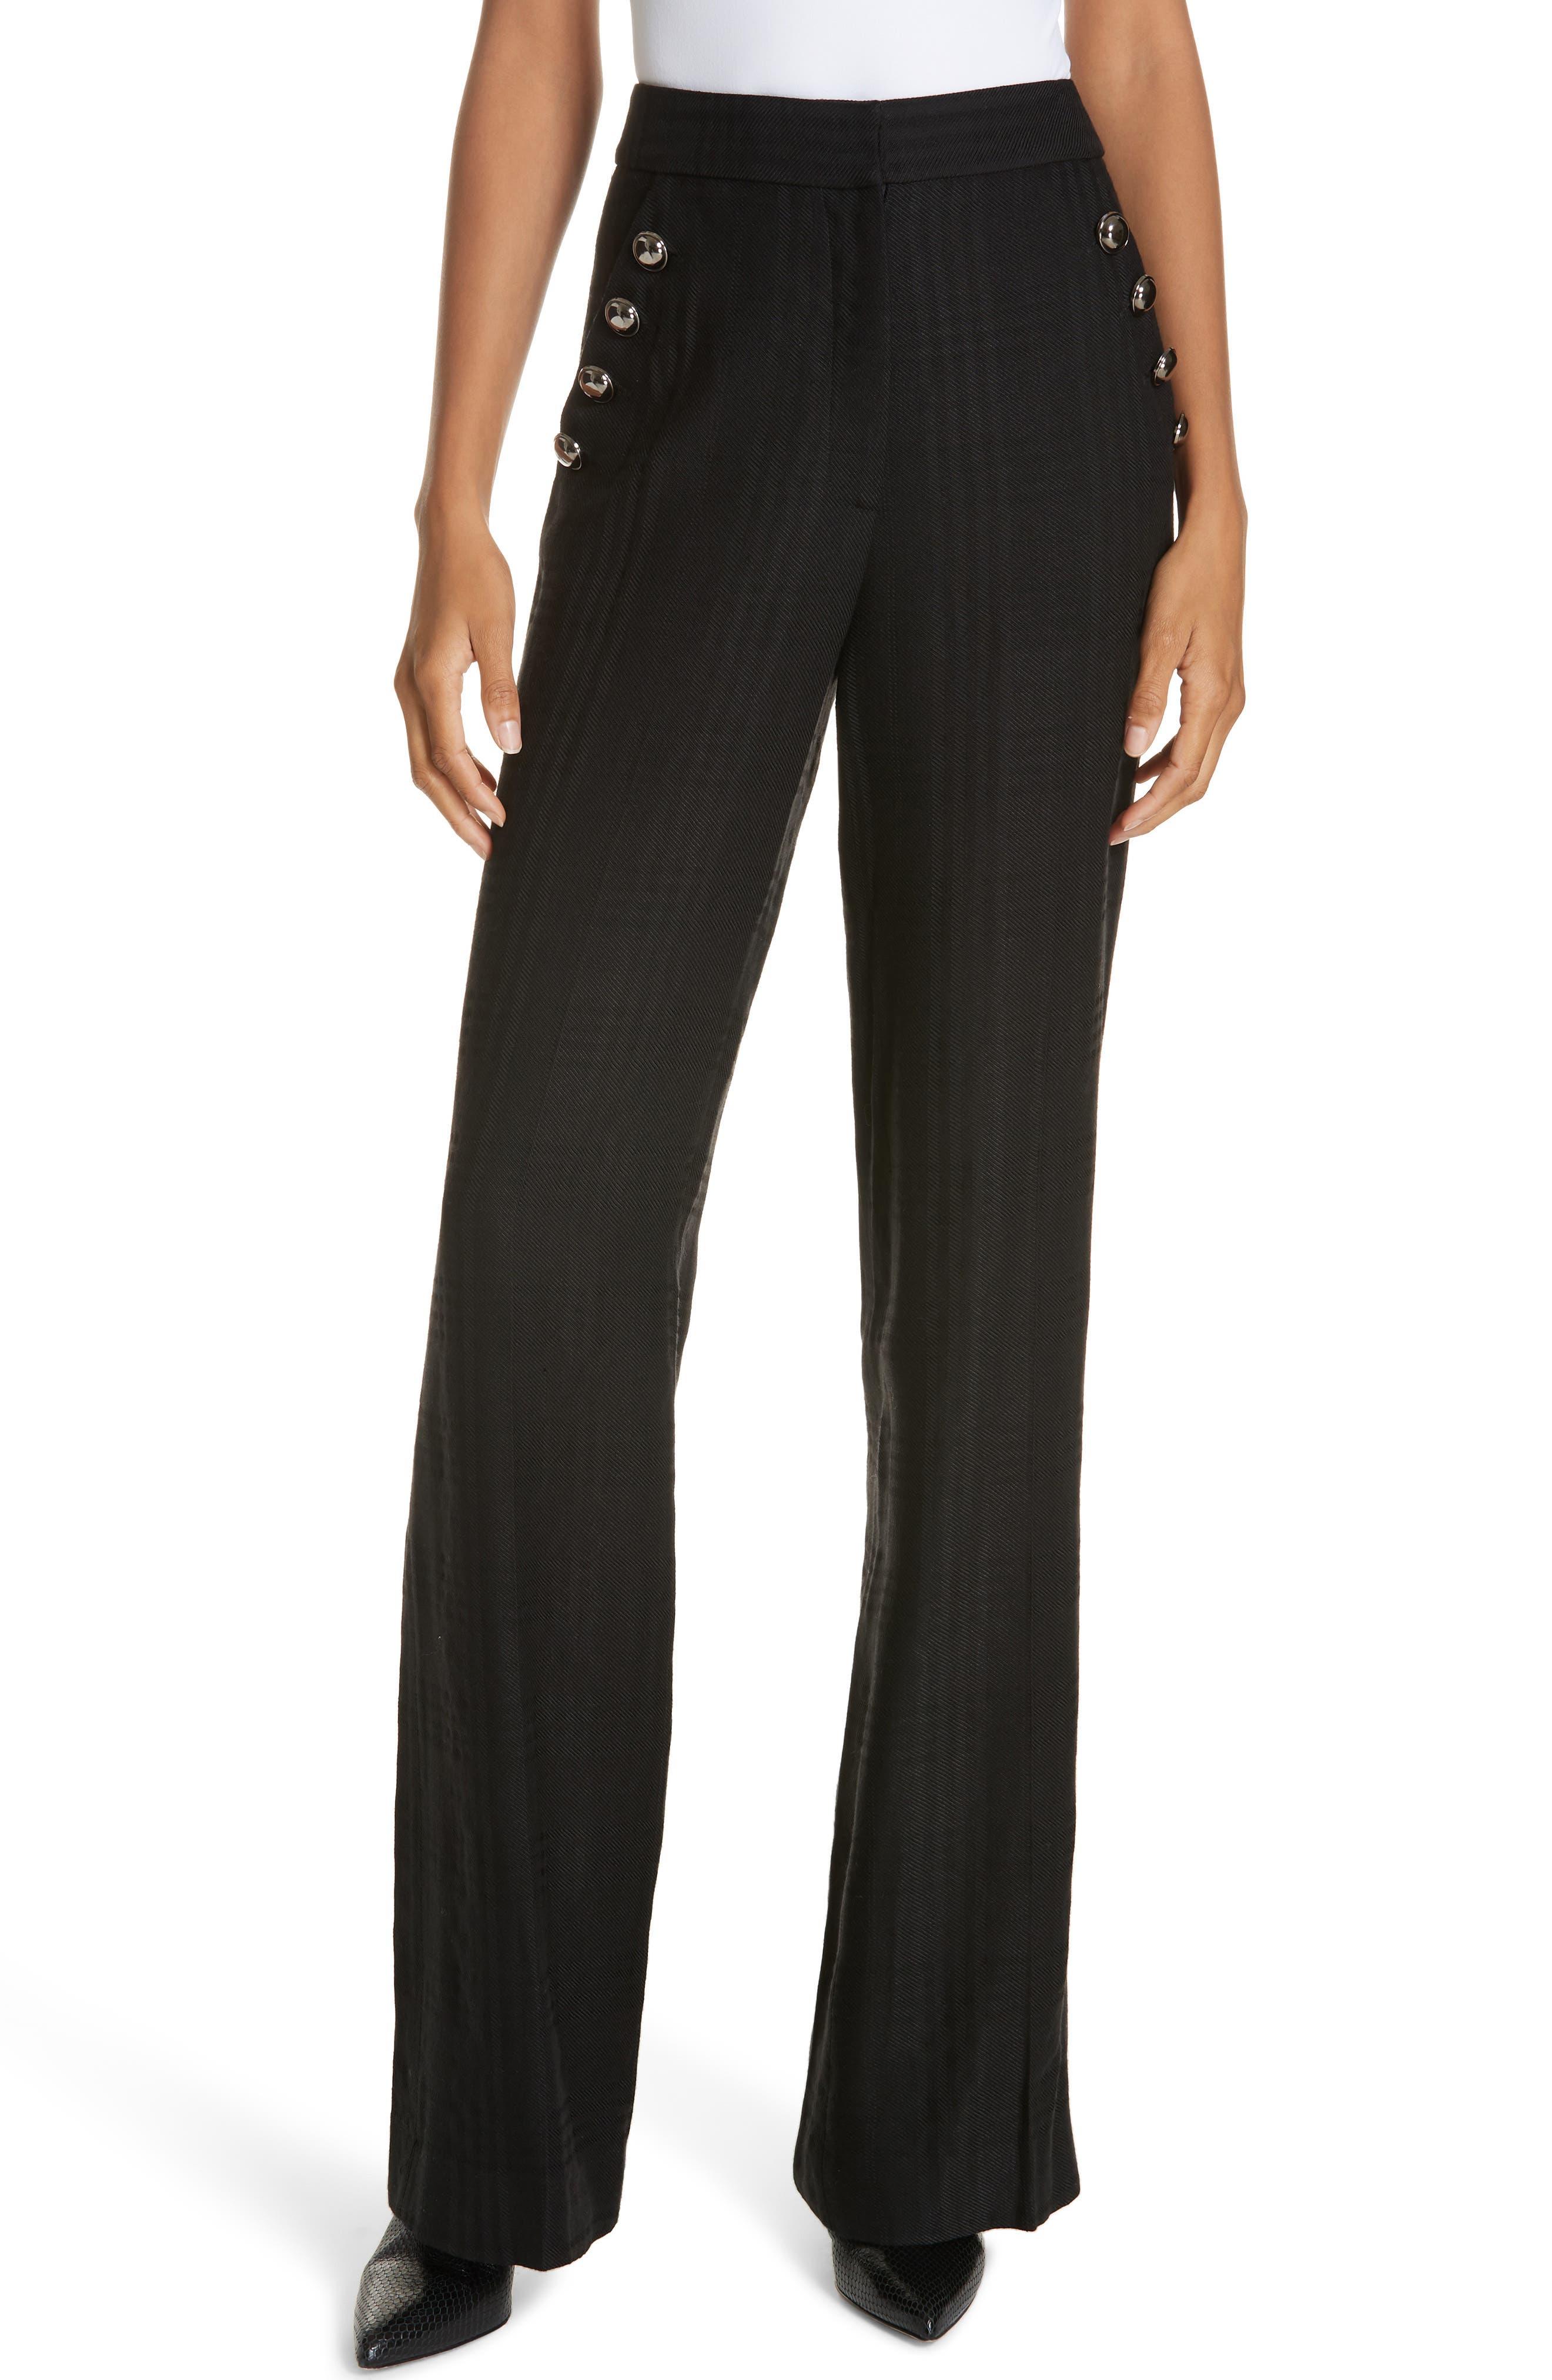 Tuli Check Button Detail Pants,                         Main,                         color, BLACK/ BLACK